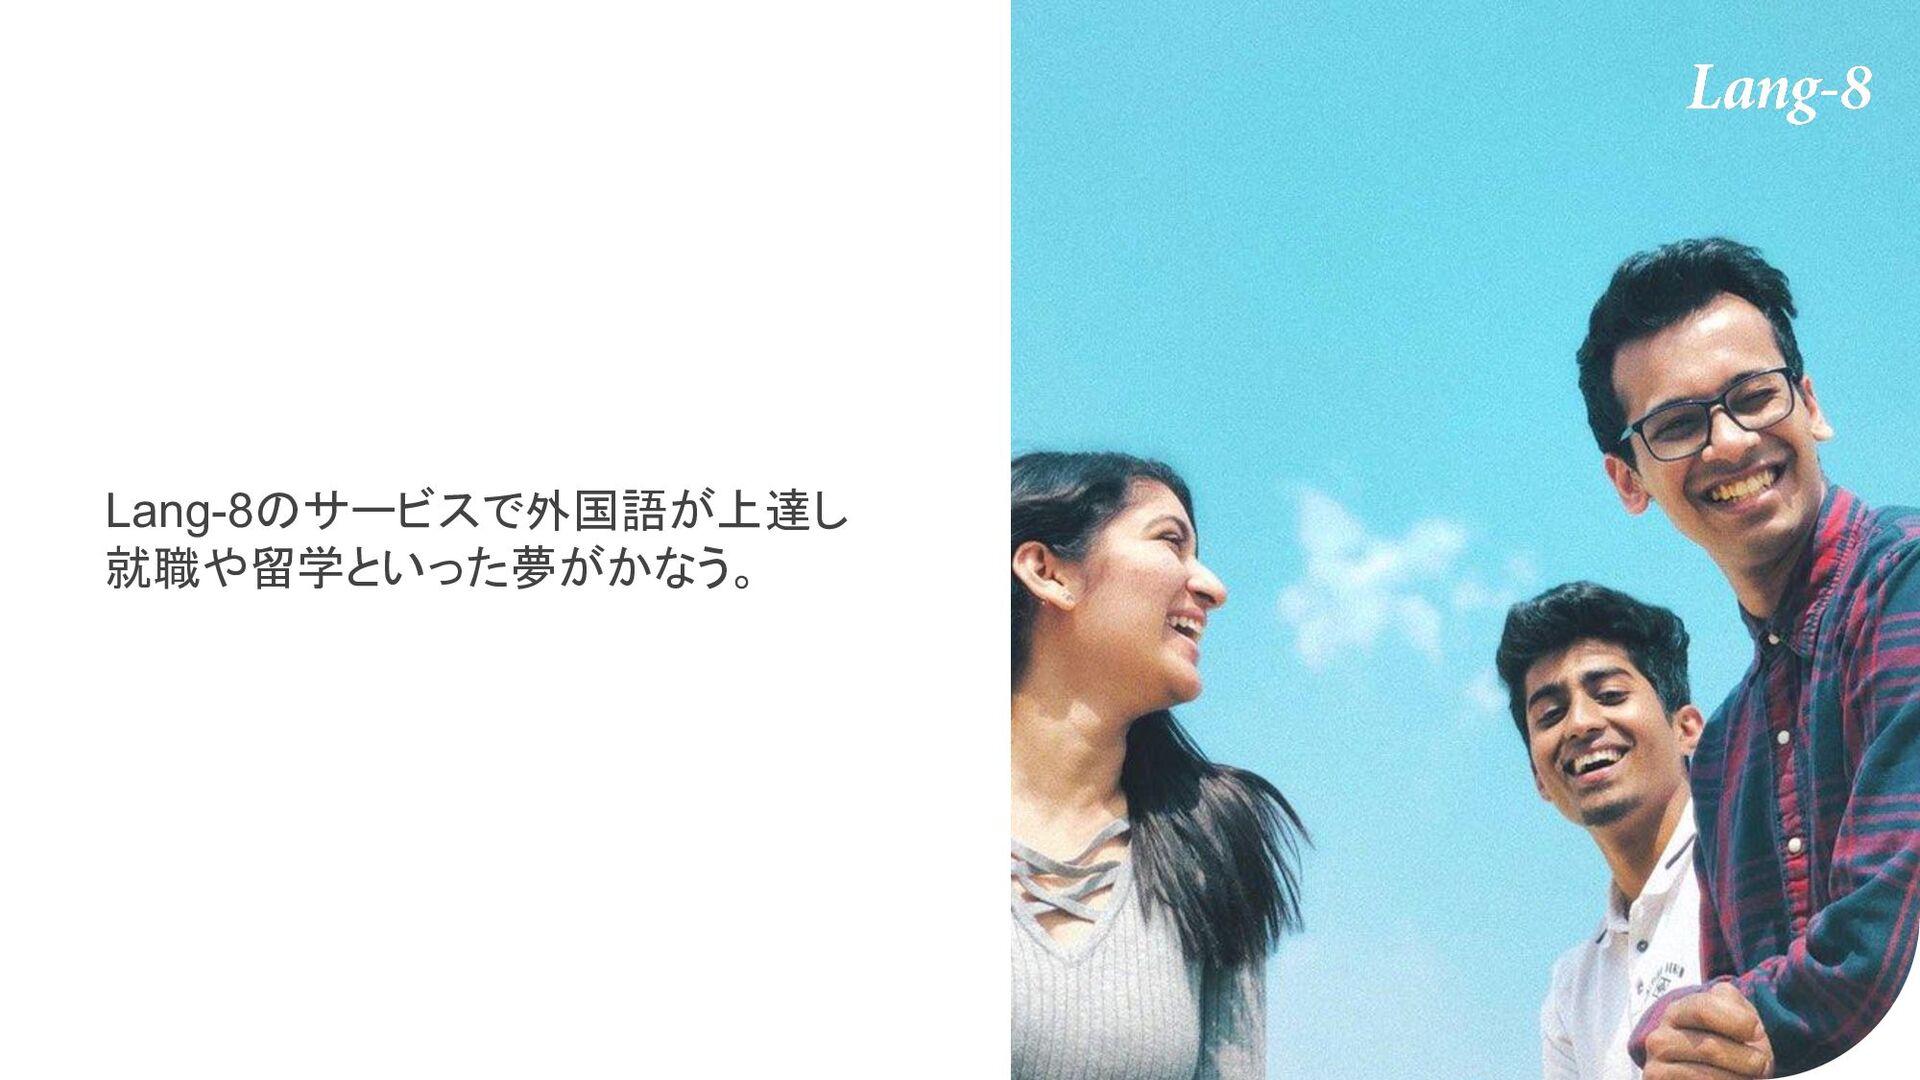 )J/BUJWFͰ֎ࠃޠ্͕ୡͯ͠ ເ ब৬ɺཹֶFUD ͕͔ͳͬͨɻ